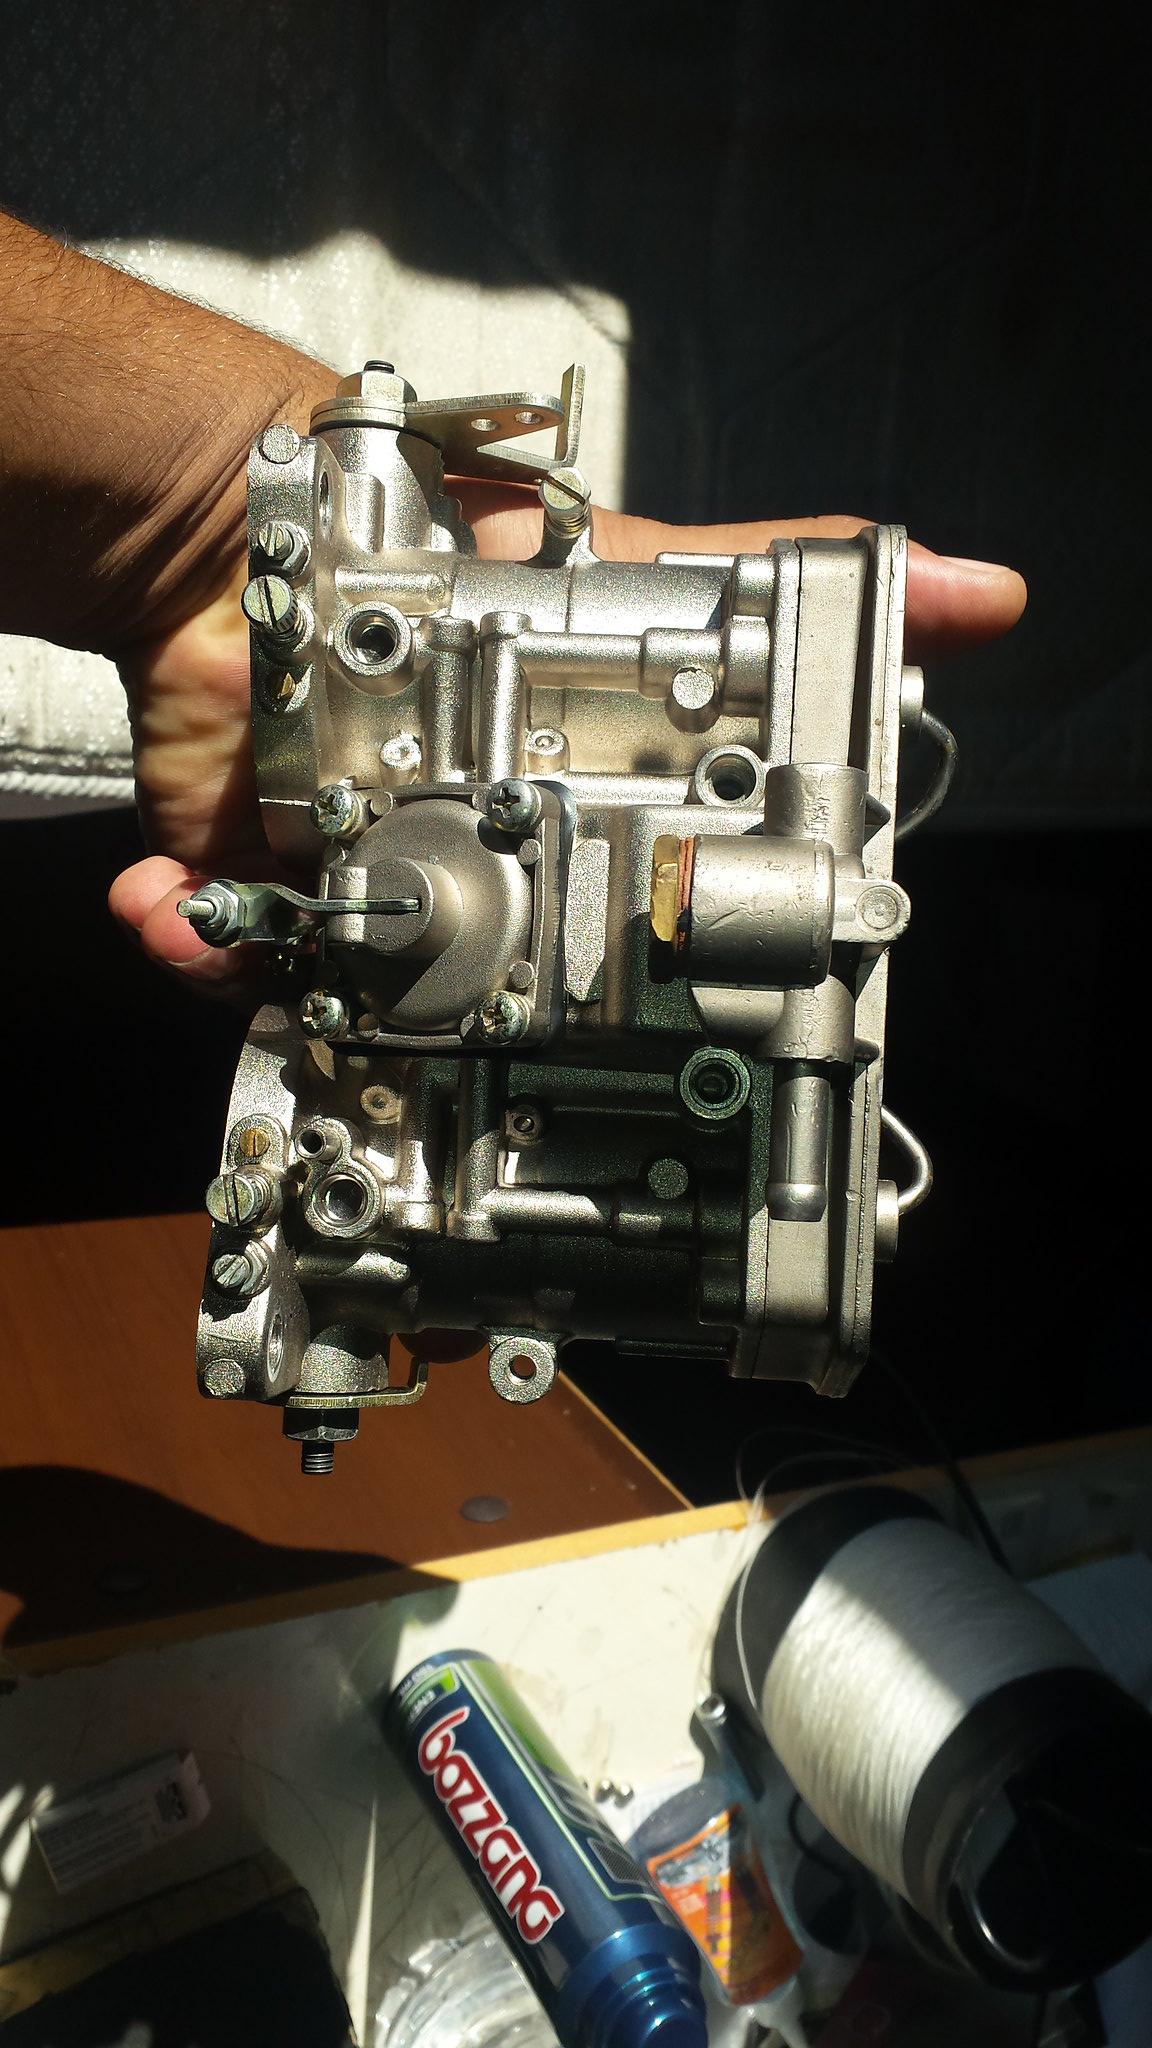 Turbo - Preparação para o Diplomata 88 4 cilindros turbo  33198043210_8ce50483e6_k